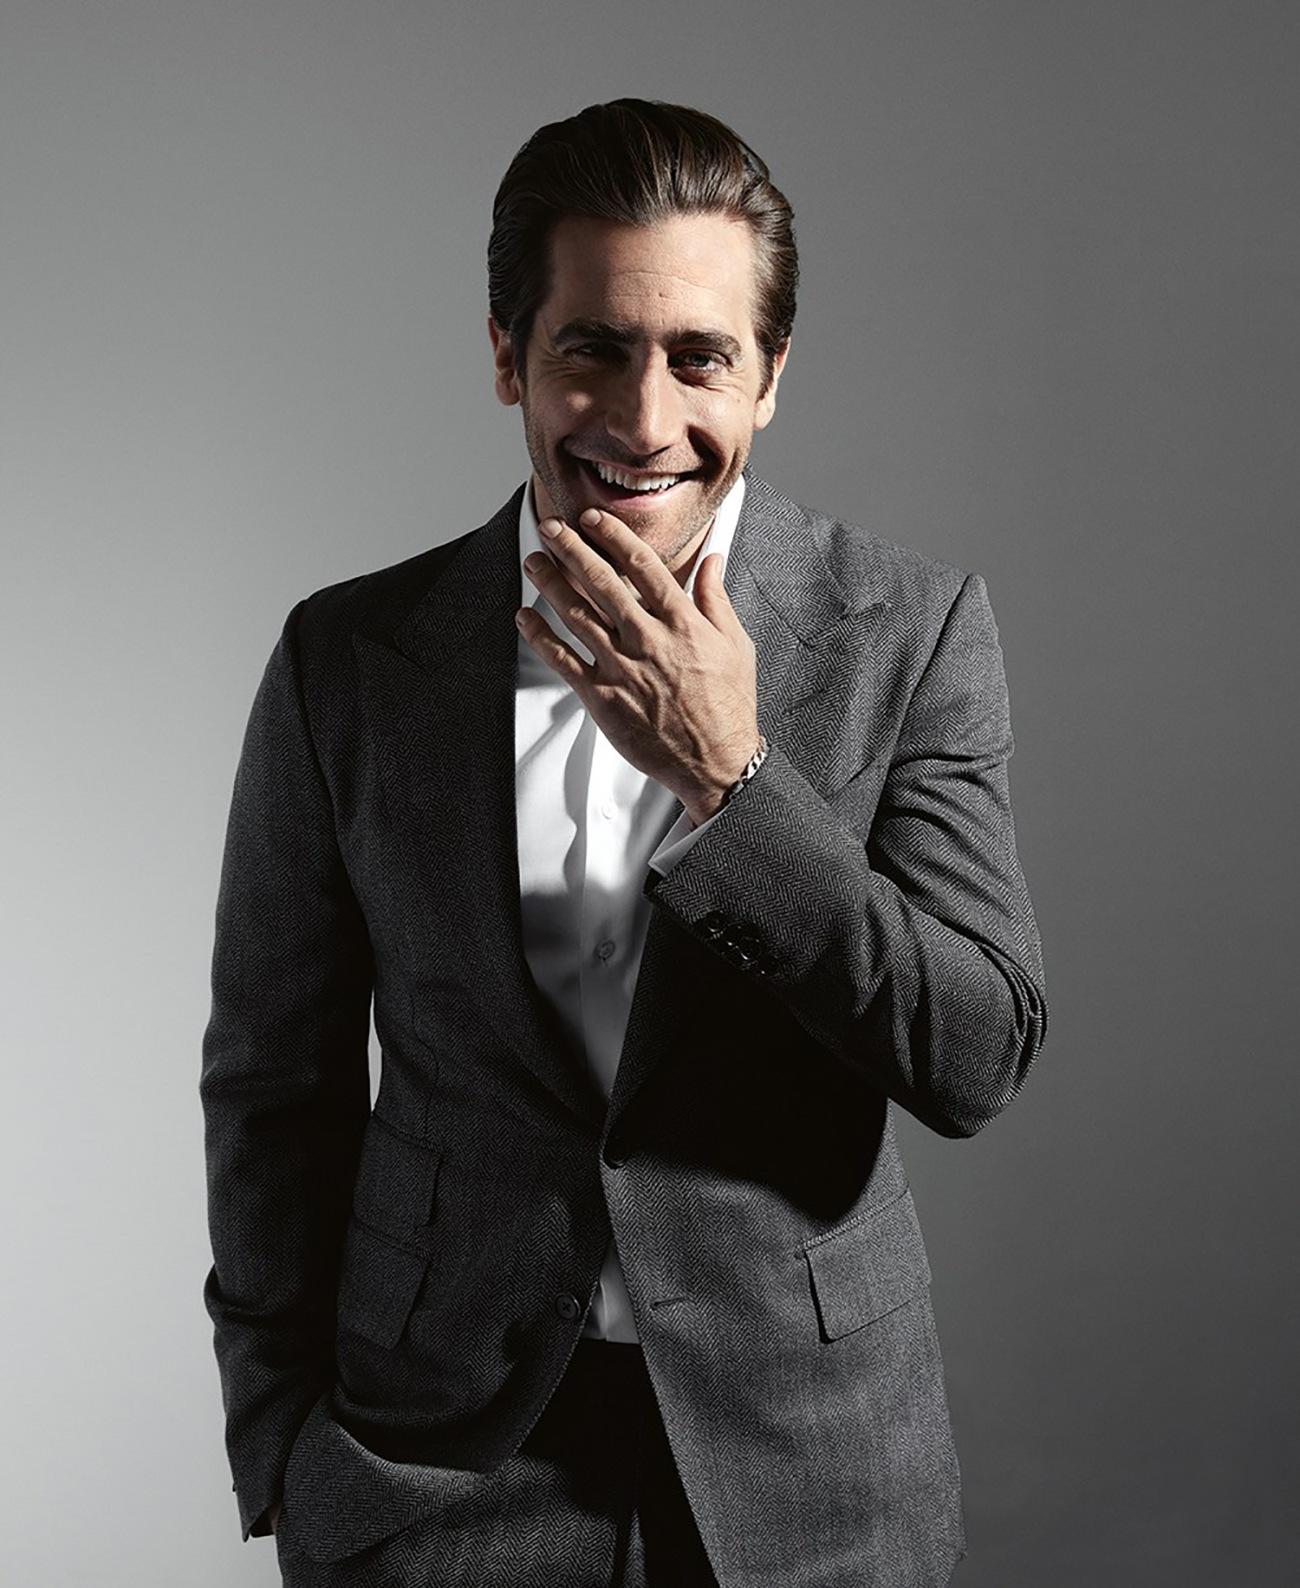 Jake Gyllenhaal GQ Australia February 201811